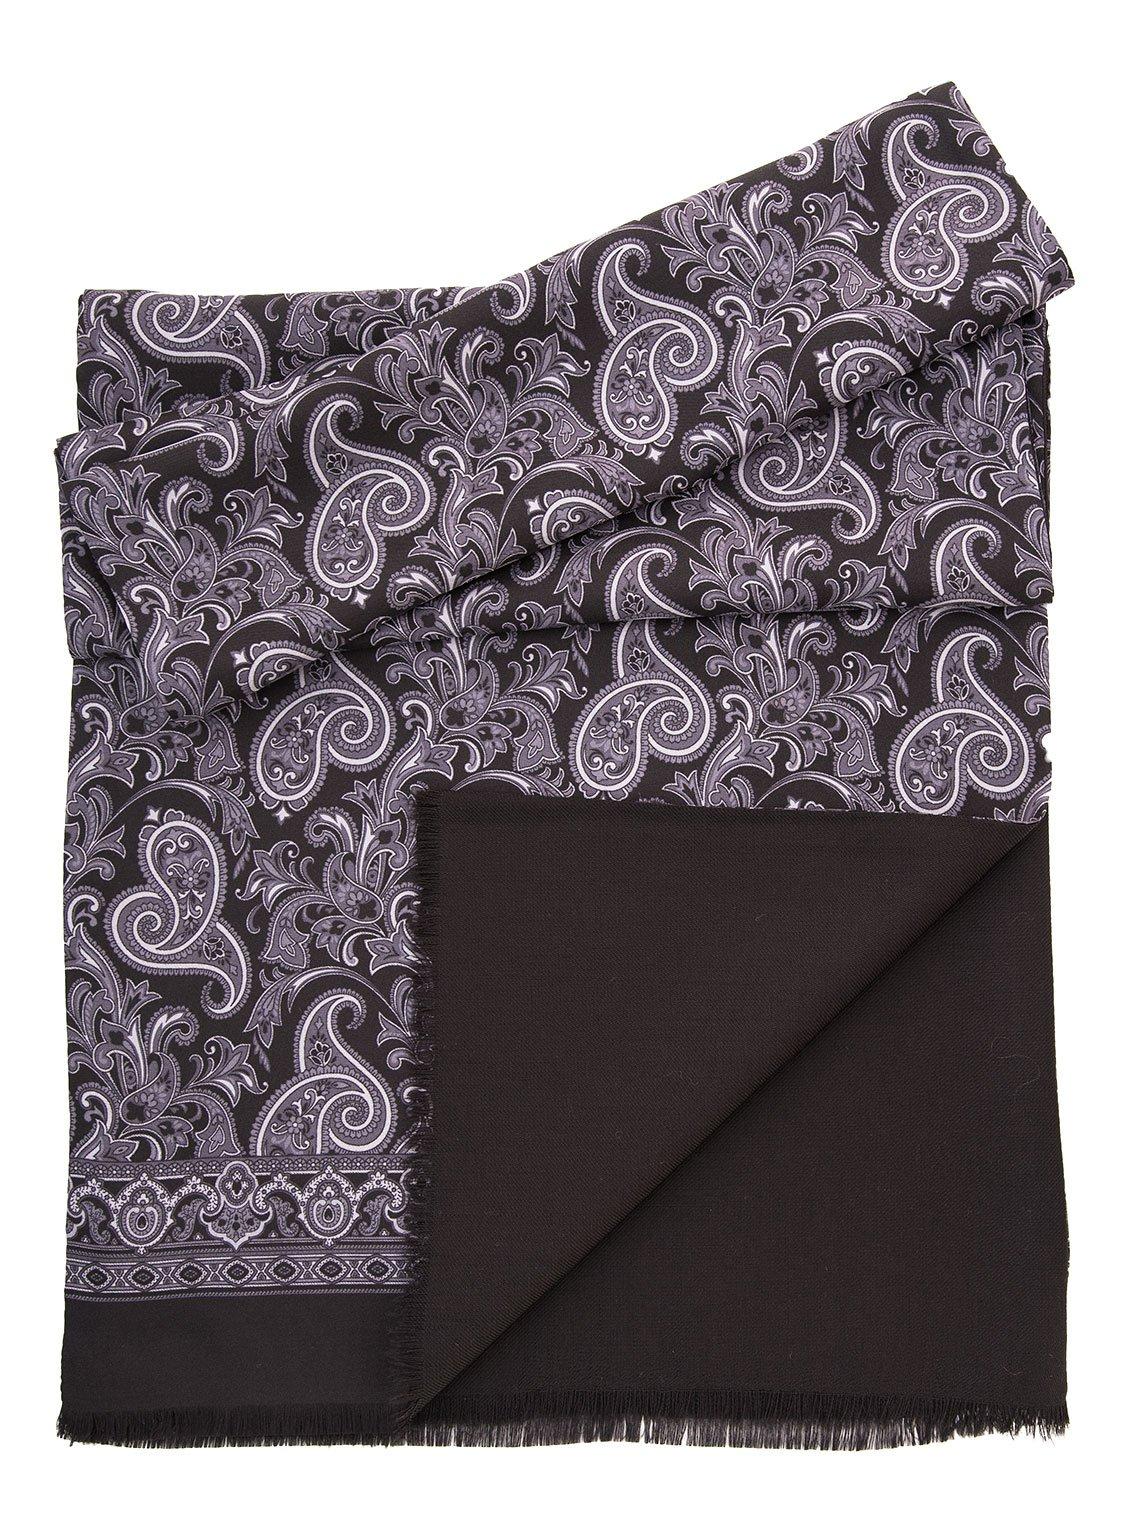 Elizabetta Men's Italian Patterned Silk Wool Lined Reversible Scarves (Siena Grey/Black) by Elizabetta